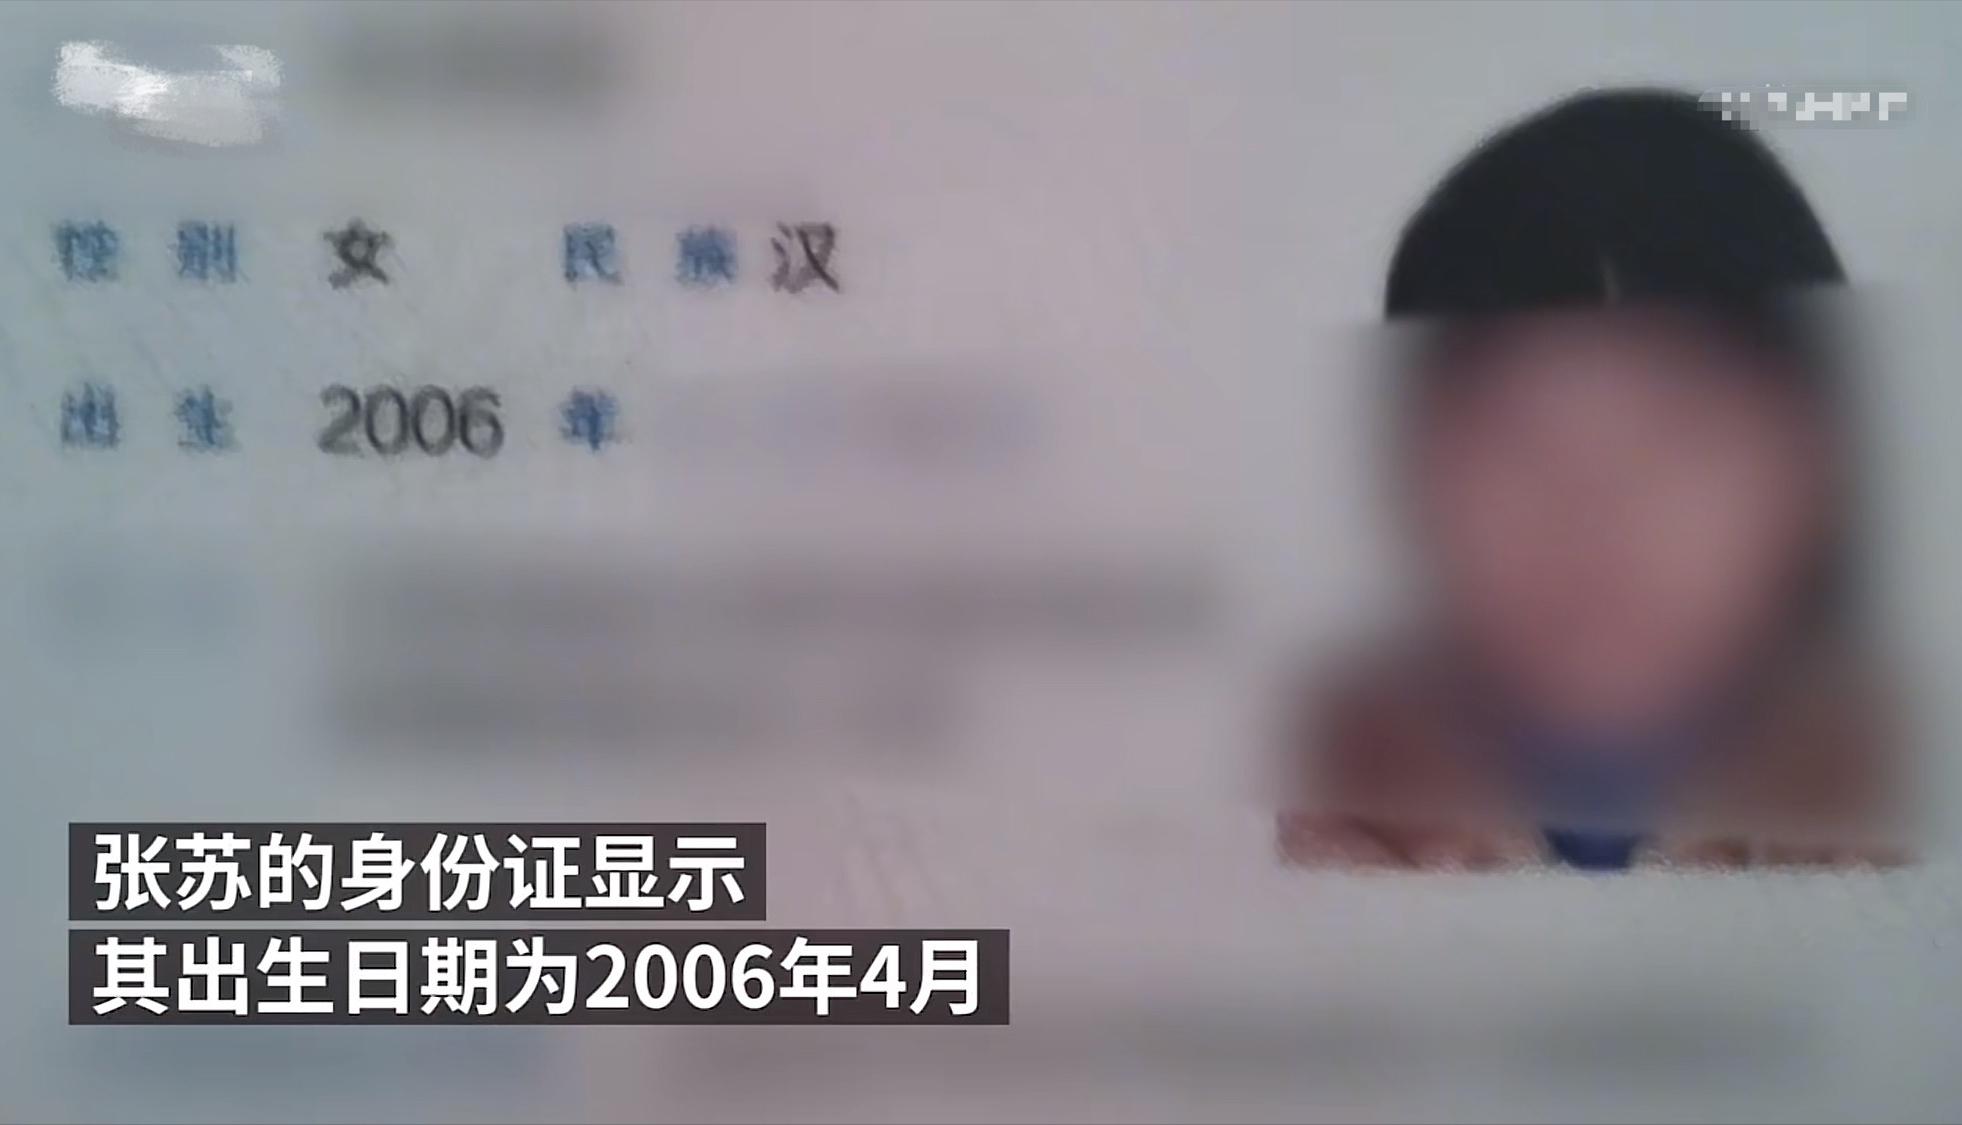 江苏14岁少女结婚两次生一子,孩子非两任男友亲生,其父共收彩礼15.4万,警方已介入